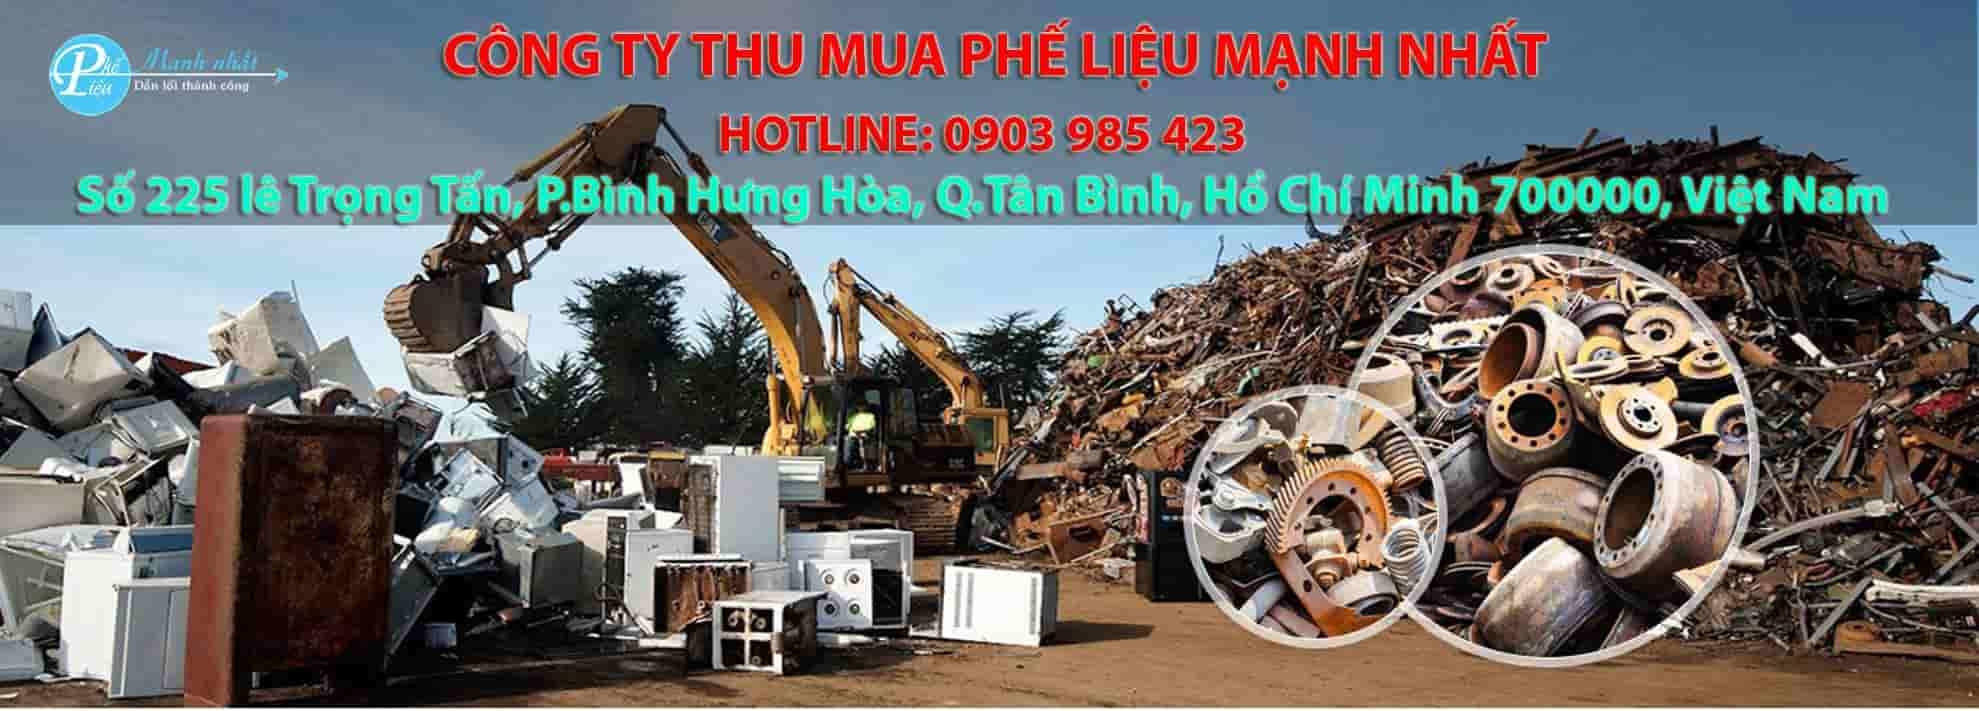 Công ty thu mua phế liệu Mạnh Nhất - Uy tín, giá cao tại Tphcm